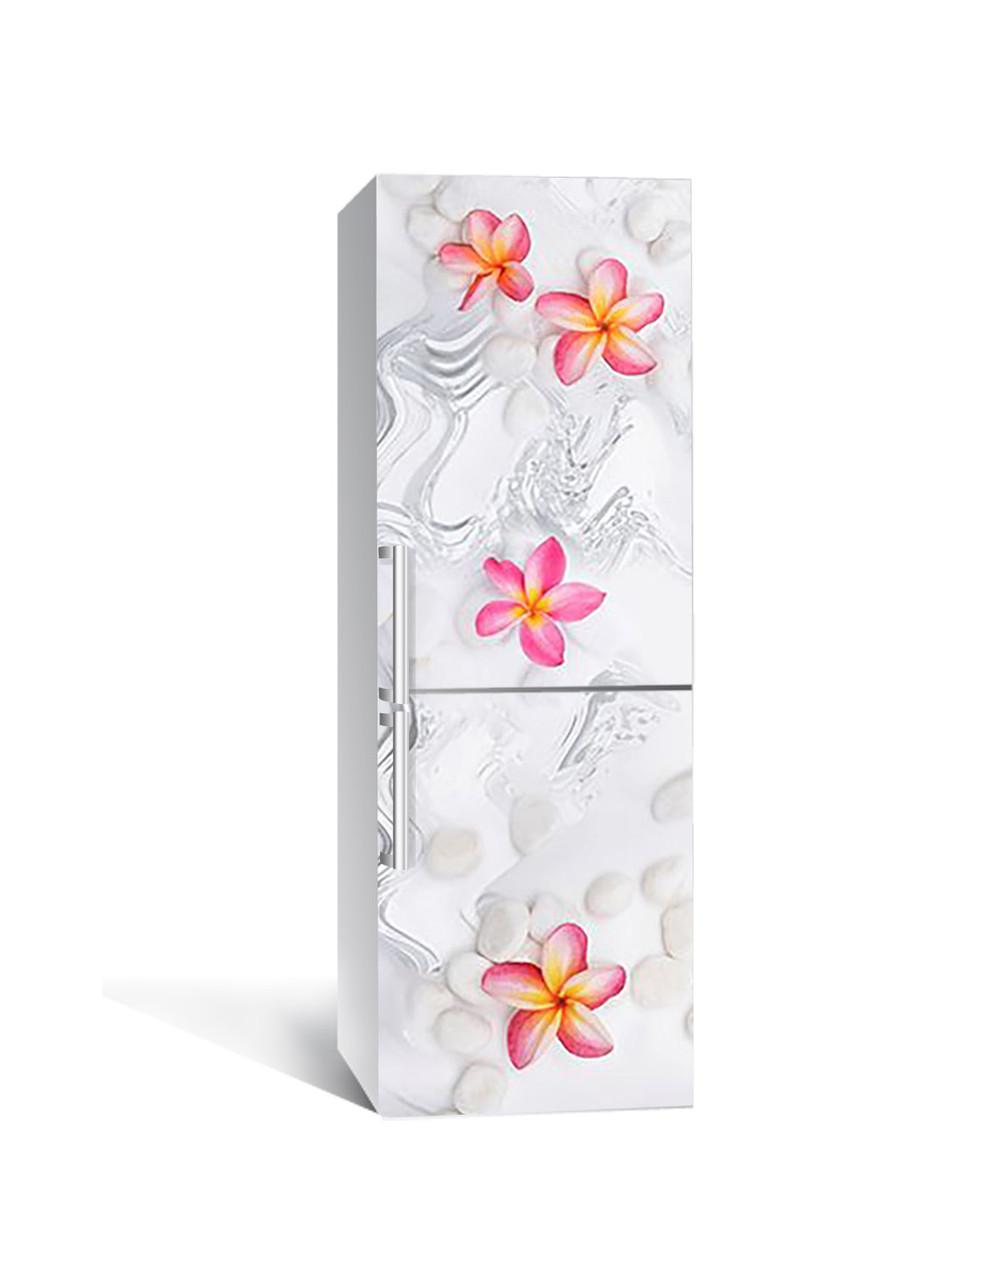 Вінілова наклейка на холодильник 3Д Гавайські квіти Камені (плівка ПВХ фотодрук) 65*200см Текстура Сірий